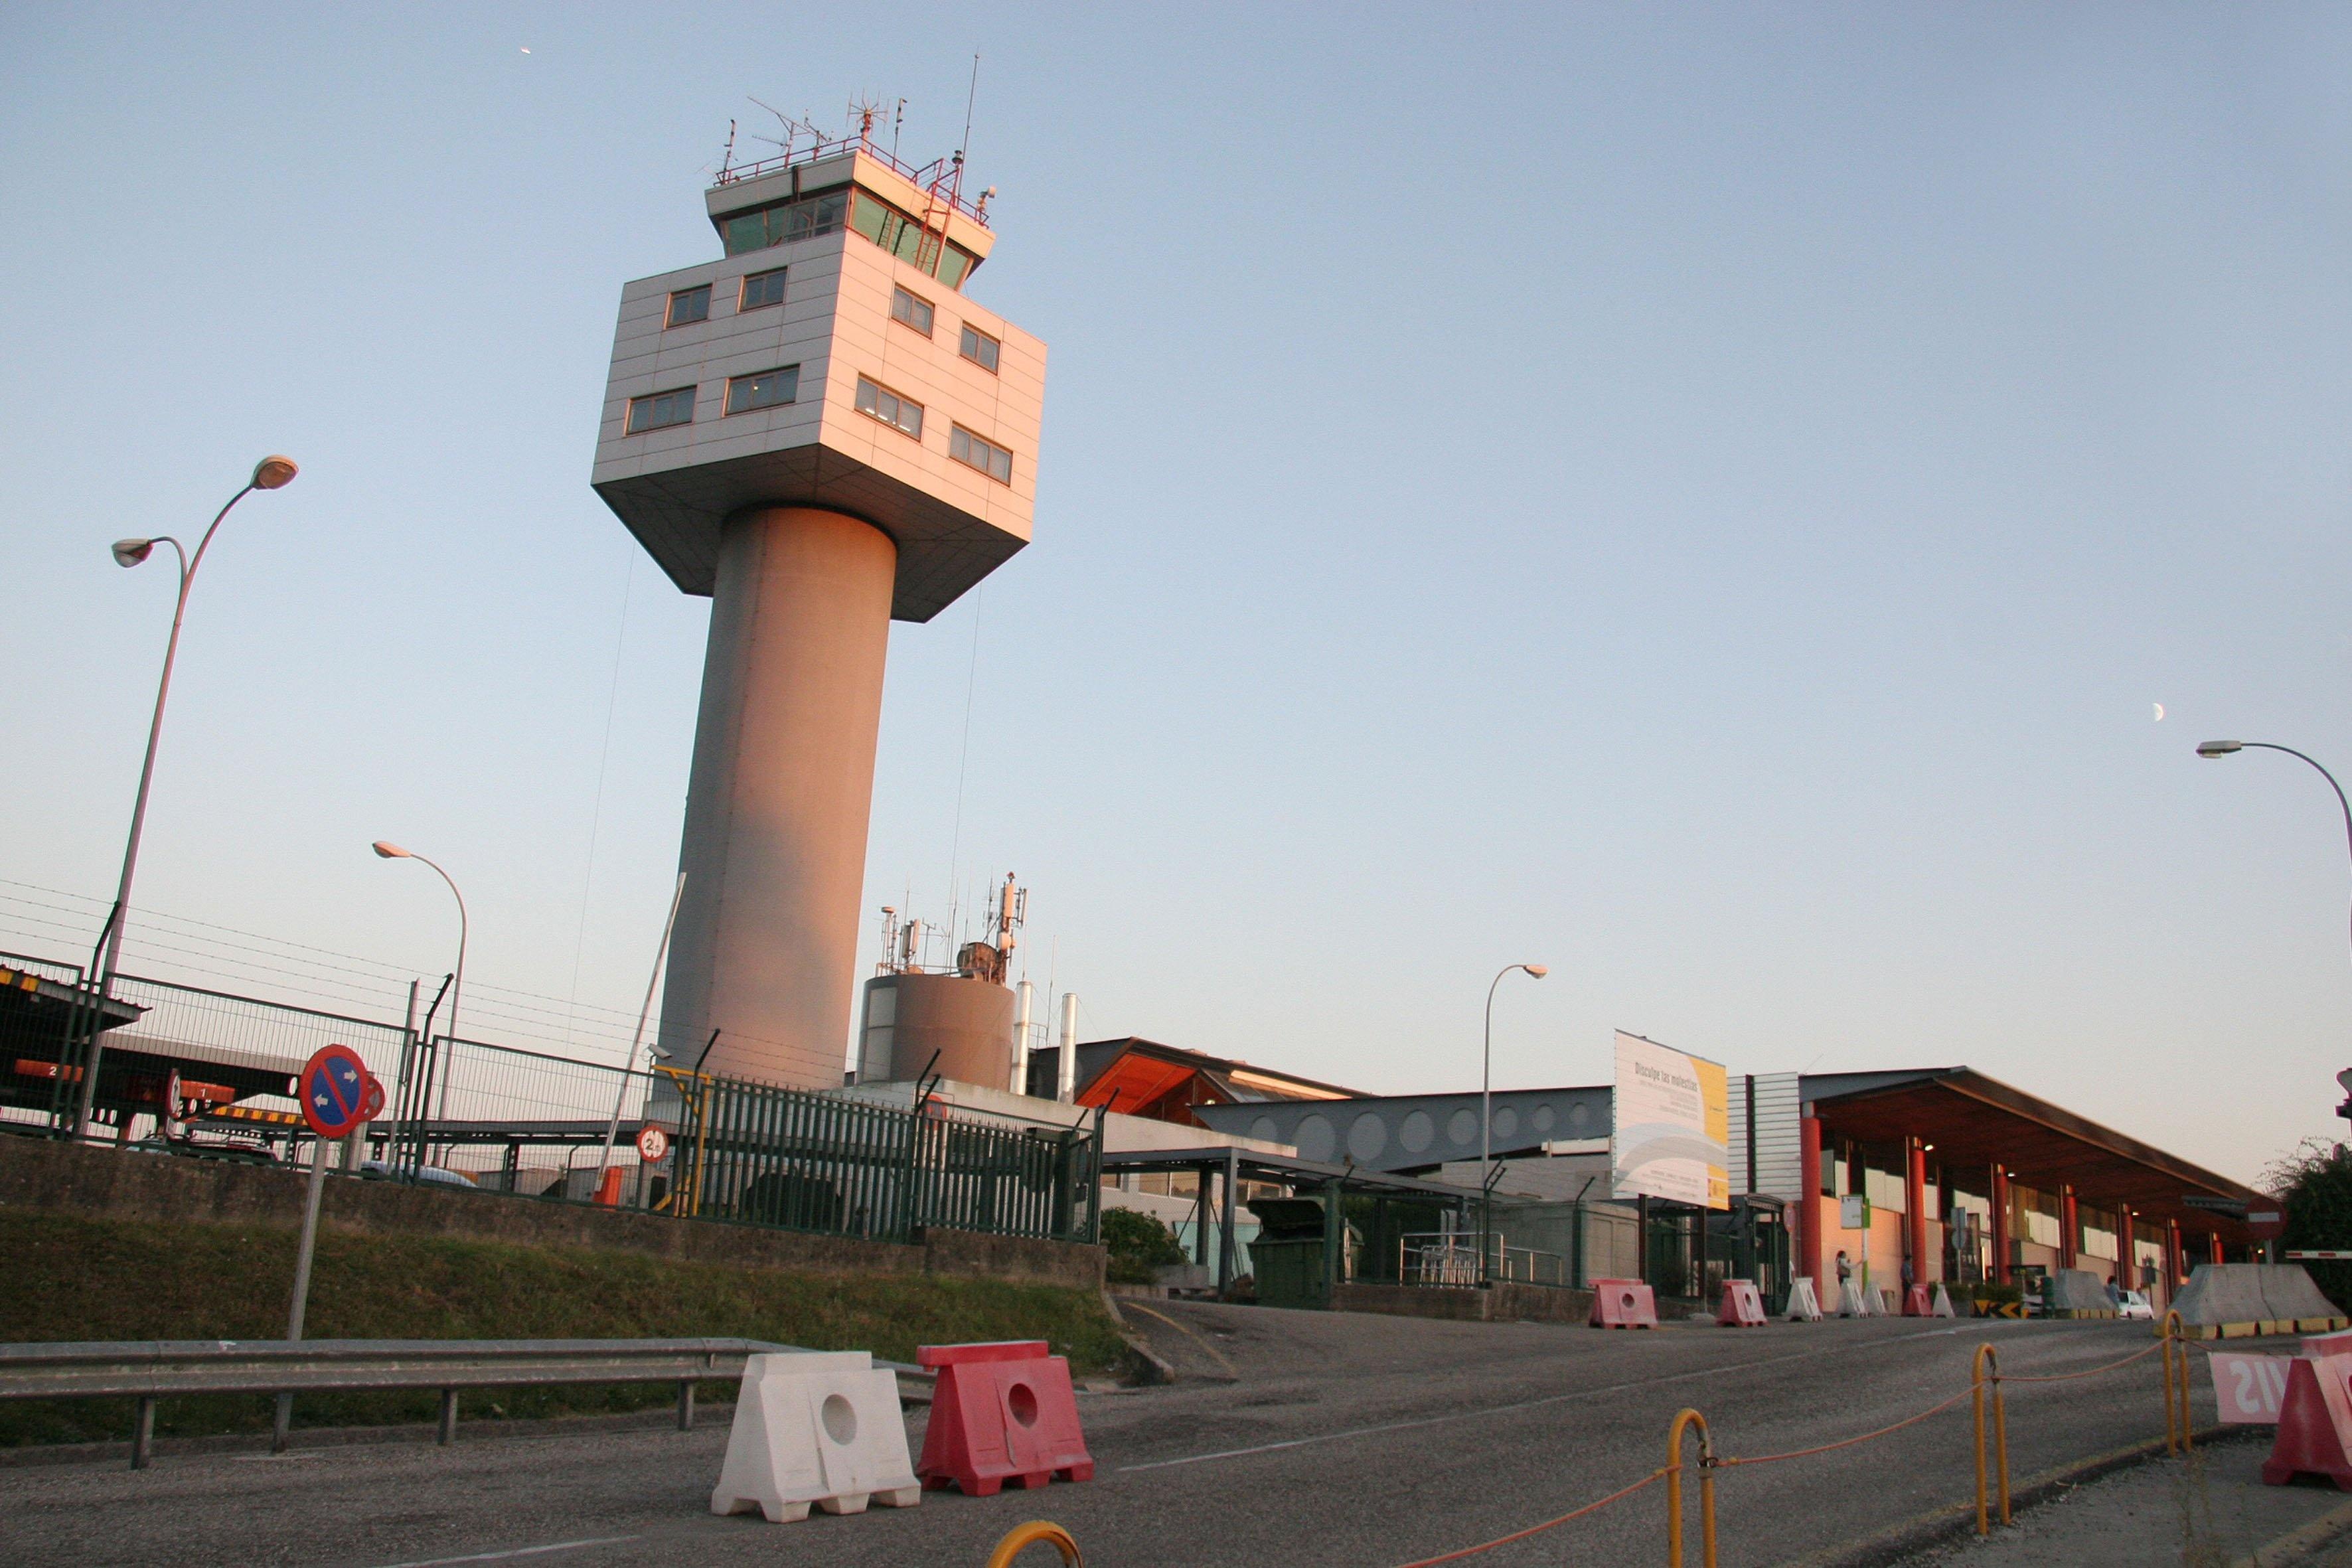 Volotea recibirá 726.000 euros del Ayuntamiento de Vigo por conectar Peinador con Valencia, Mallorca e Ibiza